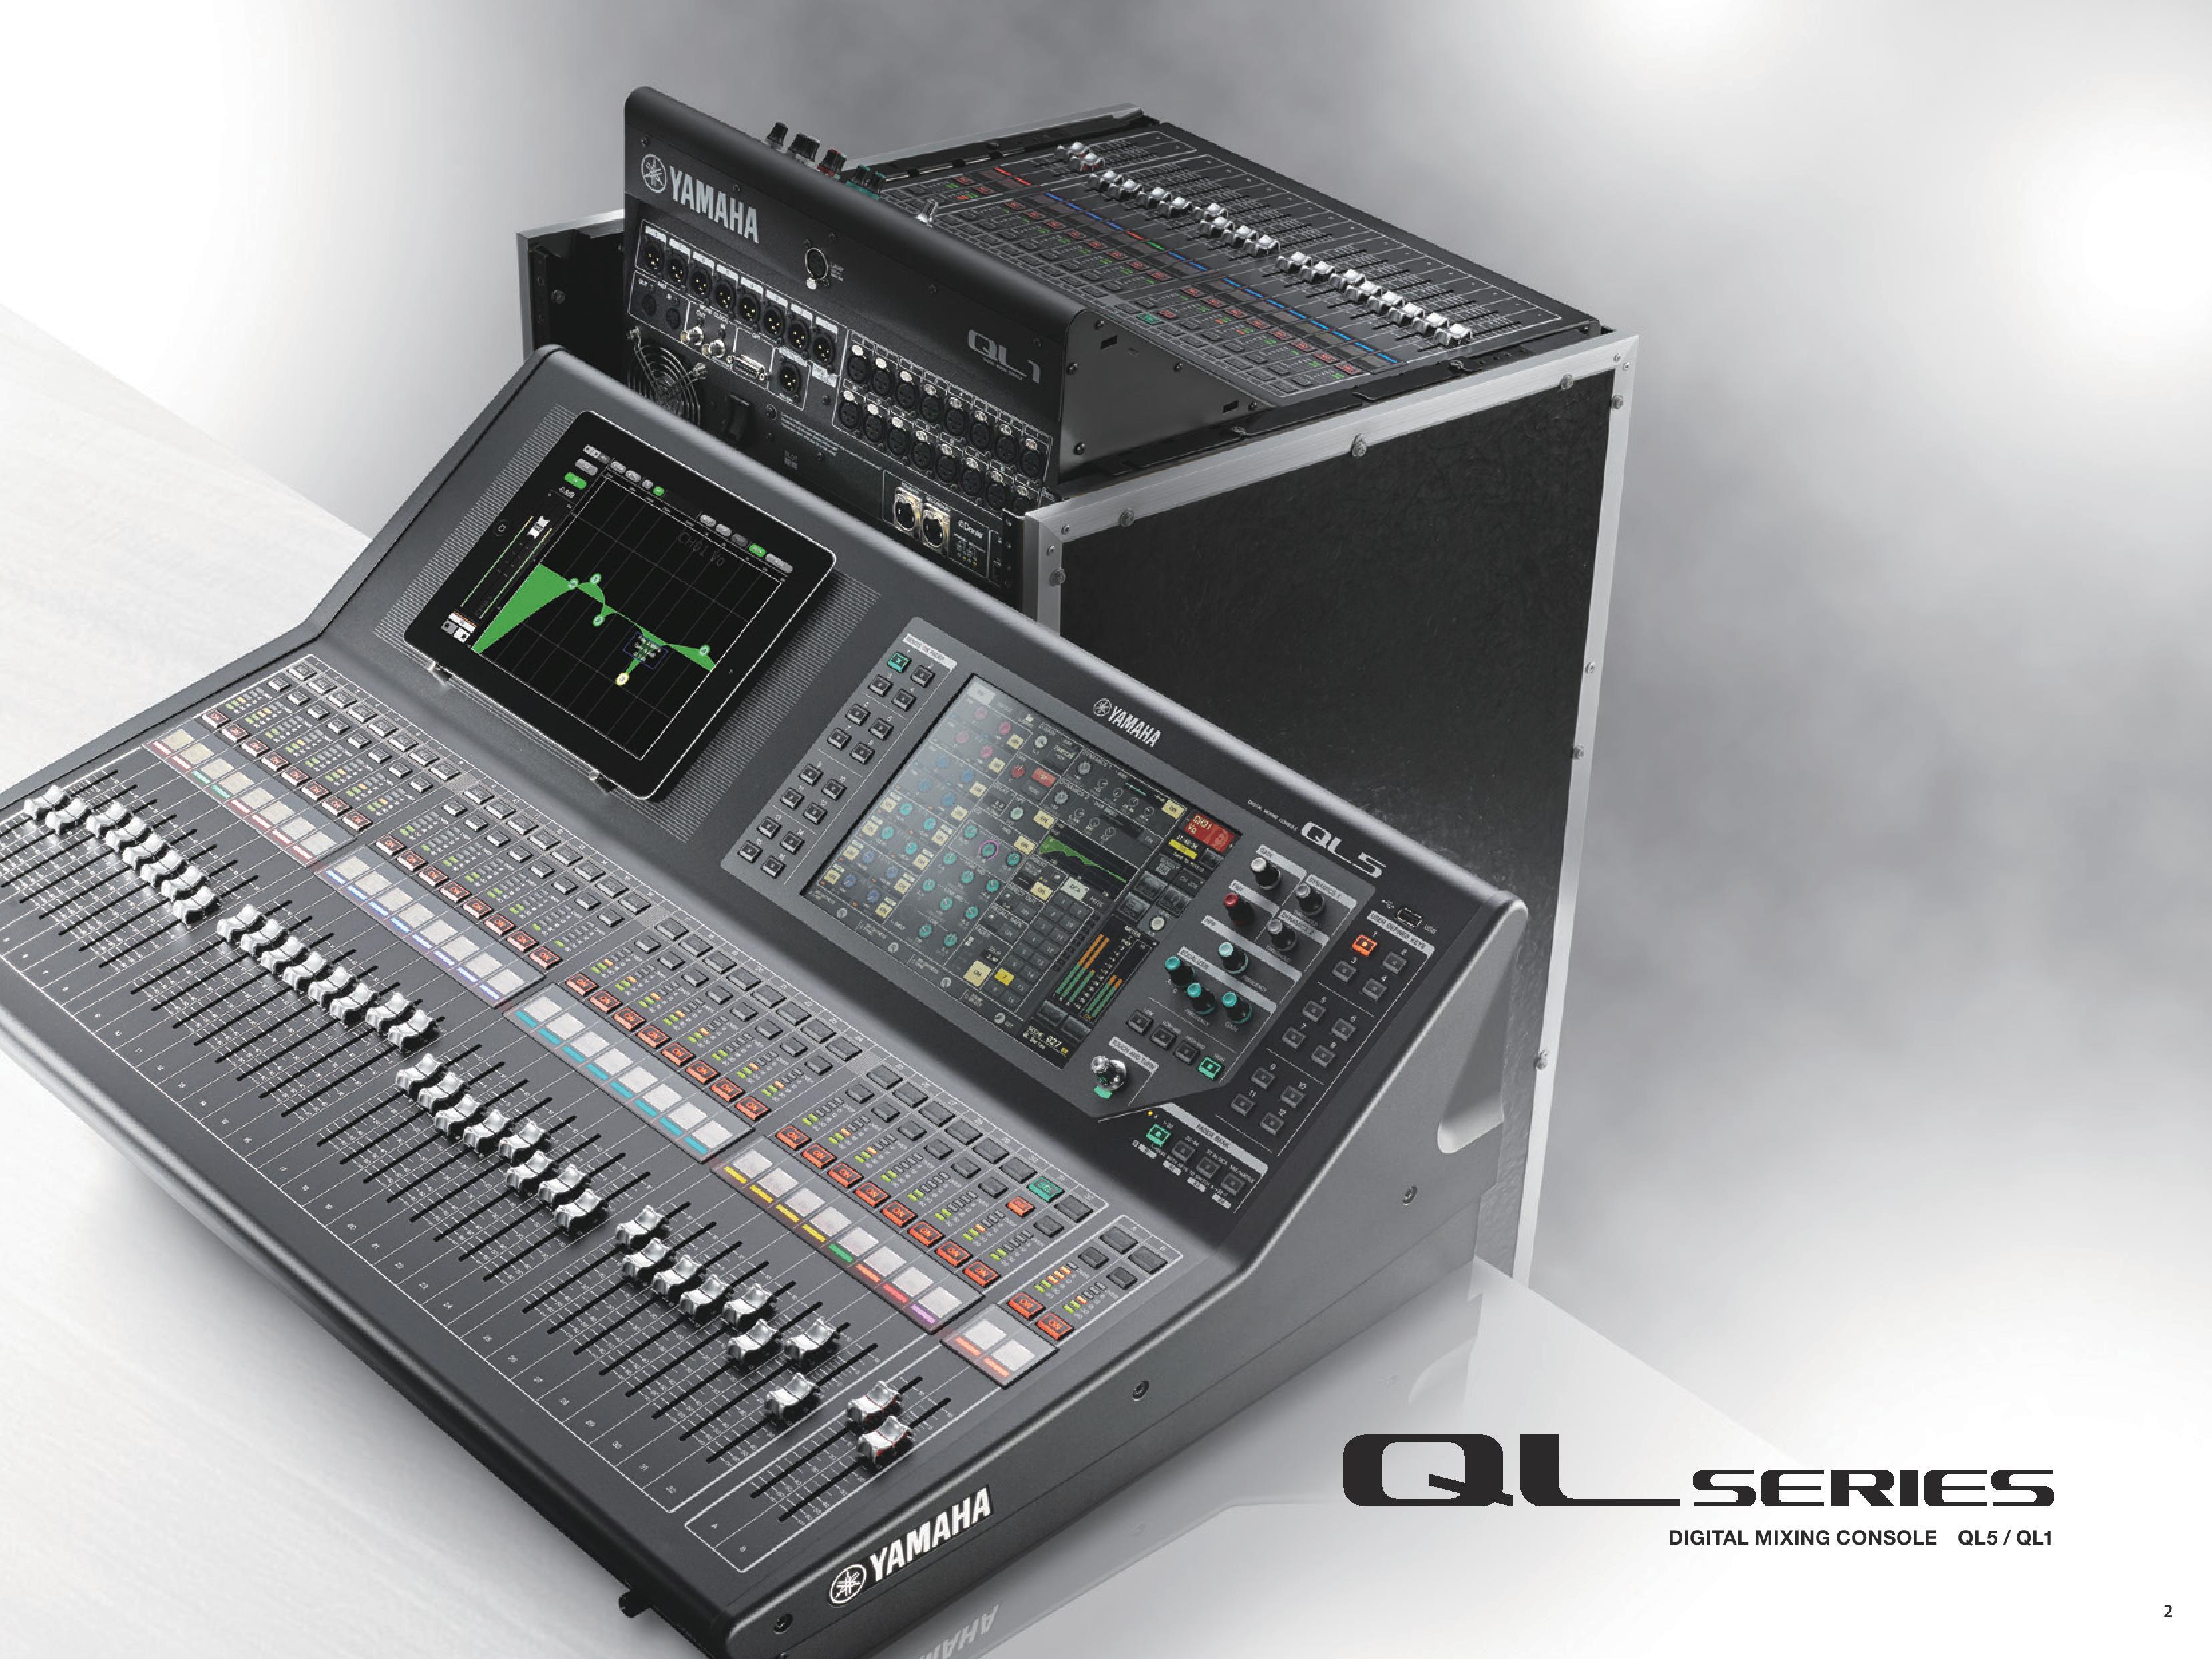 Something new from yamaha gearslutz pro audio community for Yamaha ql 3